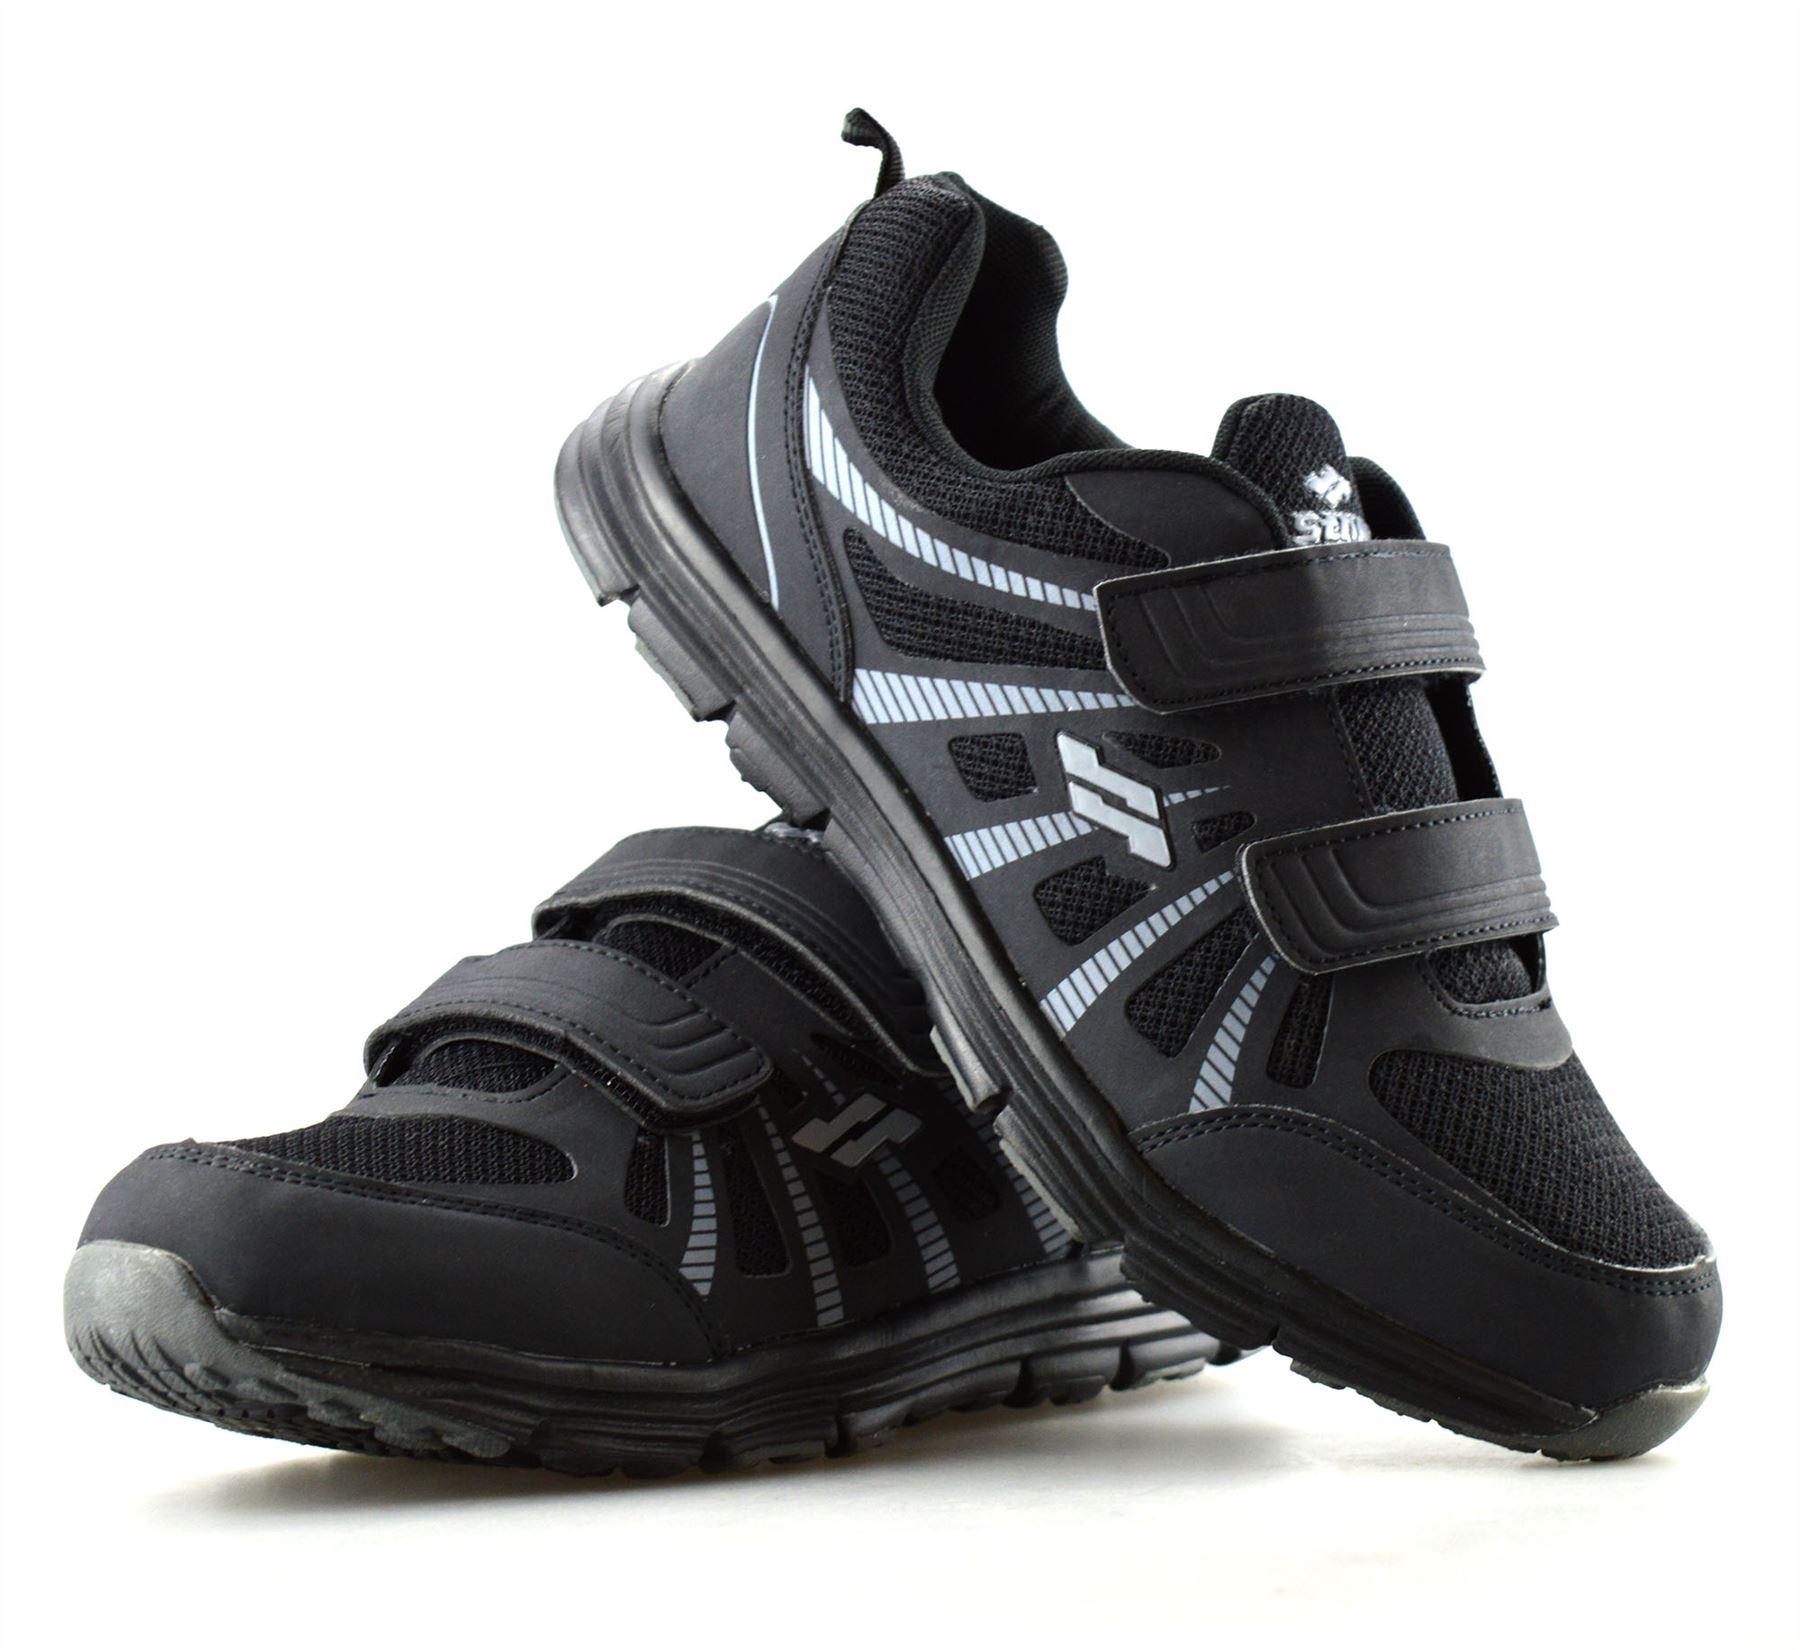 Hombre-Nuevo-Casual-Tactil-Correa-Pasear-Running-Gimnasio-Deportes-Ninos-Zapatillas-Zapatos-Talla miniatura 16